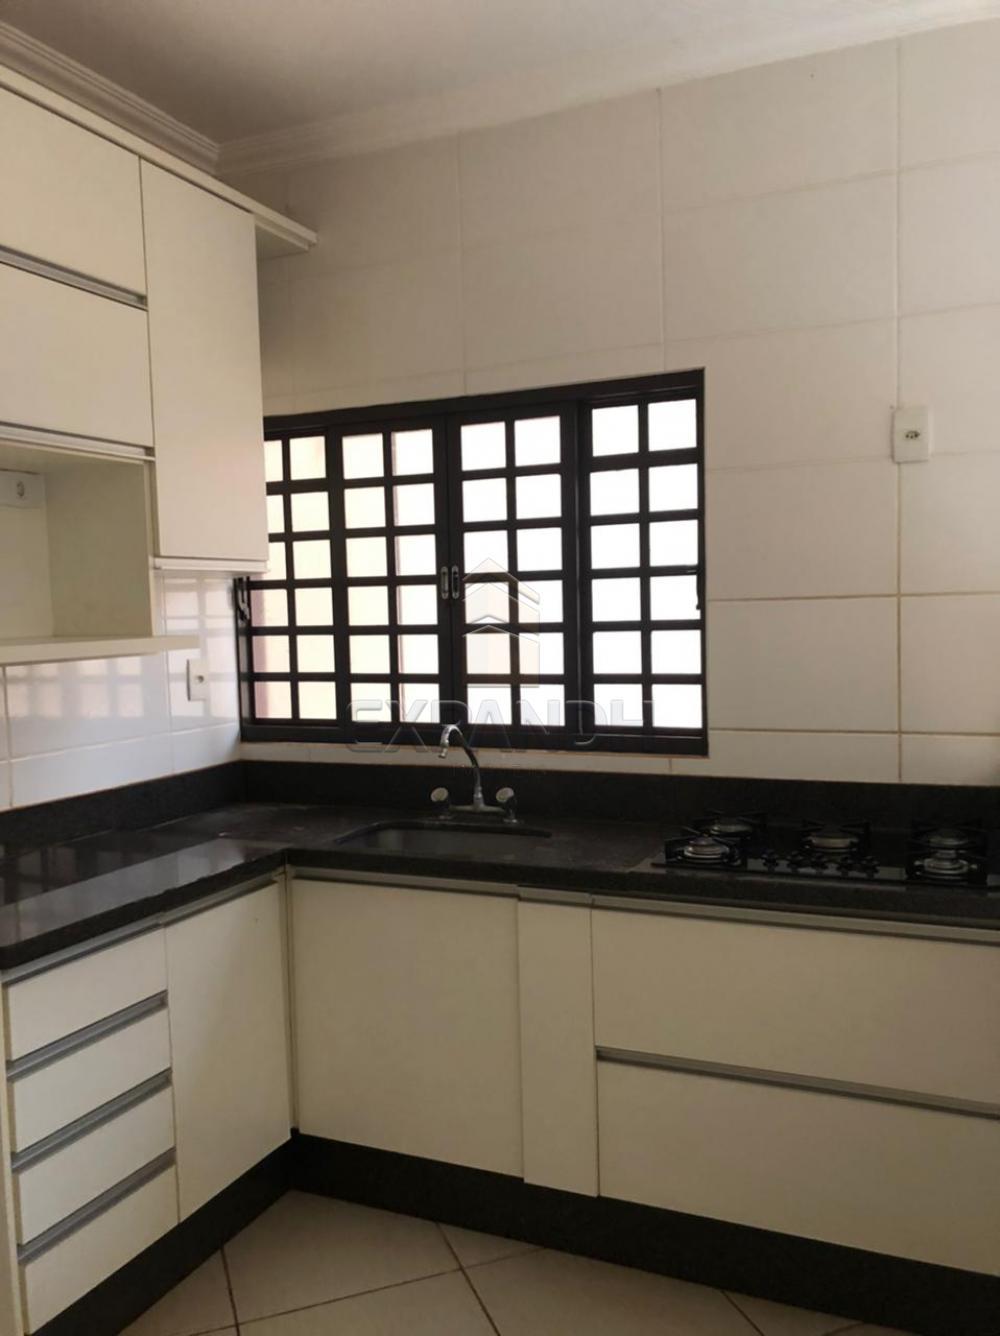 Alugar Casas / Padrão em Sertãozinho apenas R$ 1.500,00 - Foto 8